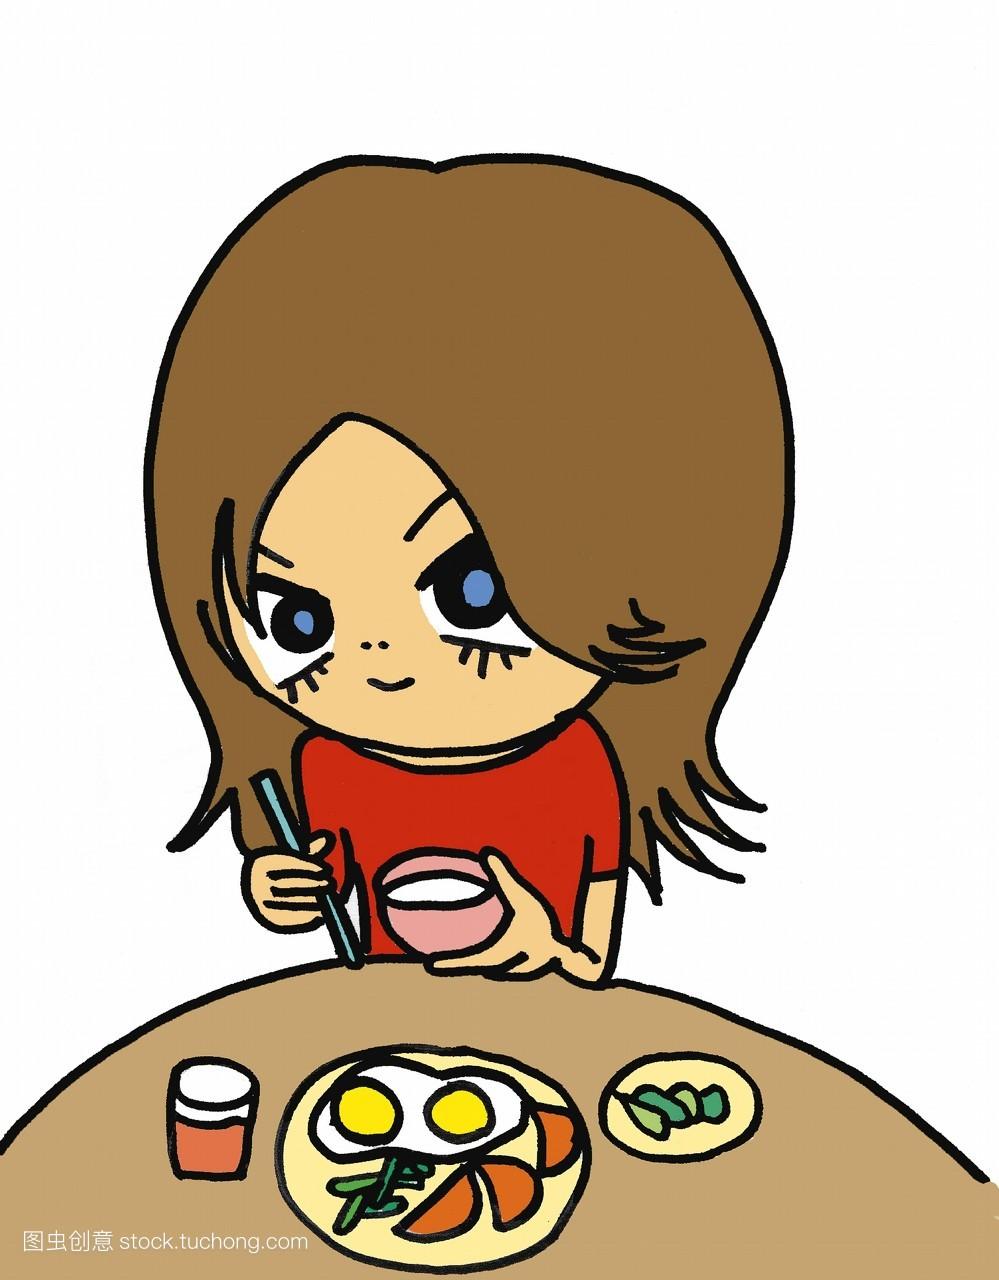 桌子,仅一个年轻的女人,滚球,蔬菜,小孩,女人,吃,食品,微笑,蛋,肖像图片